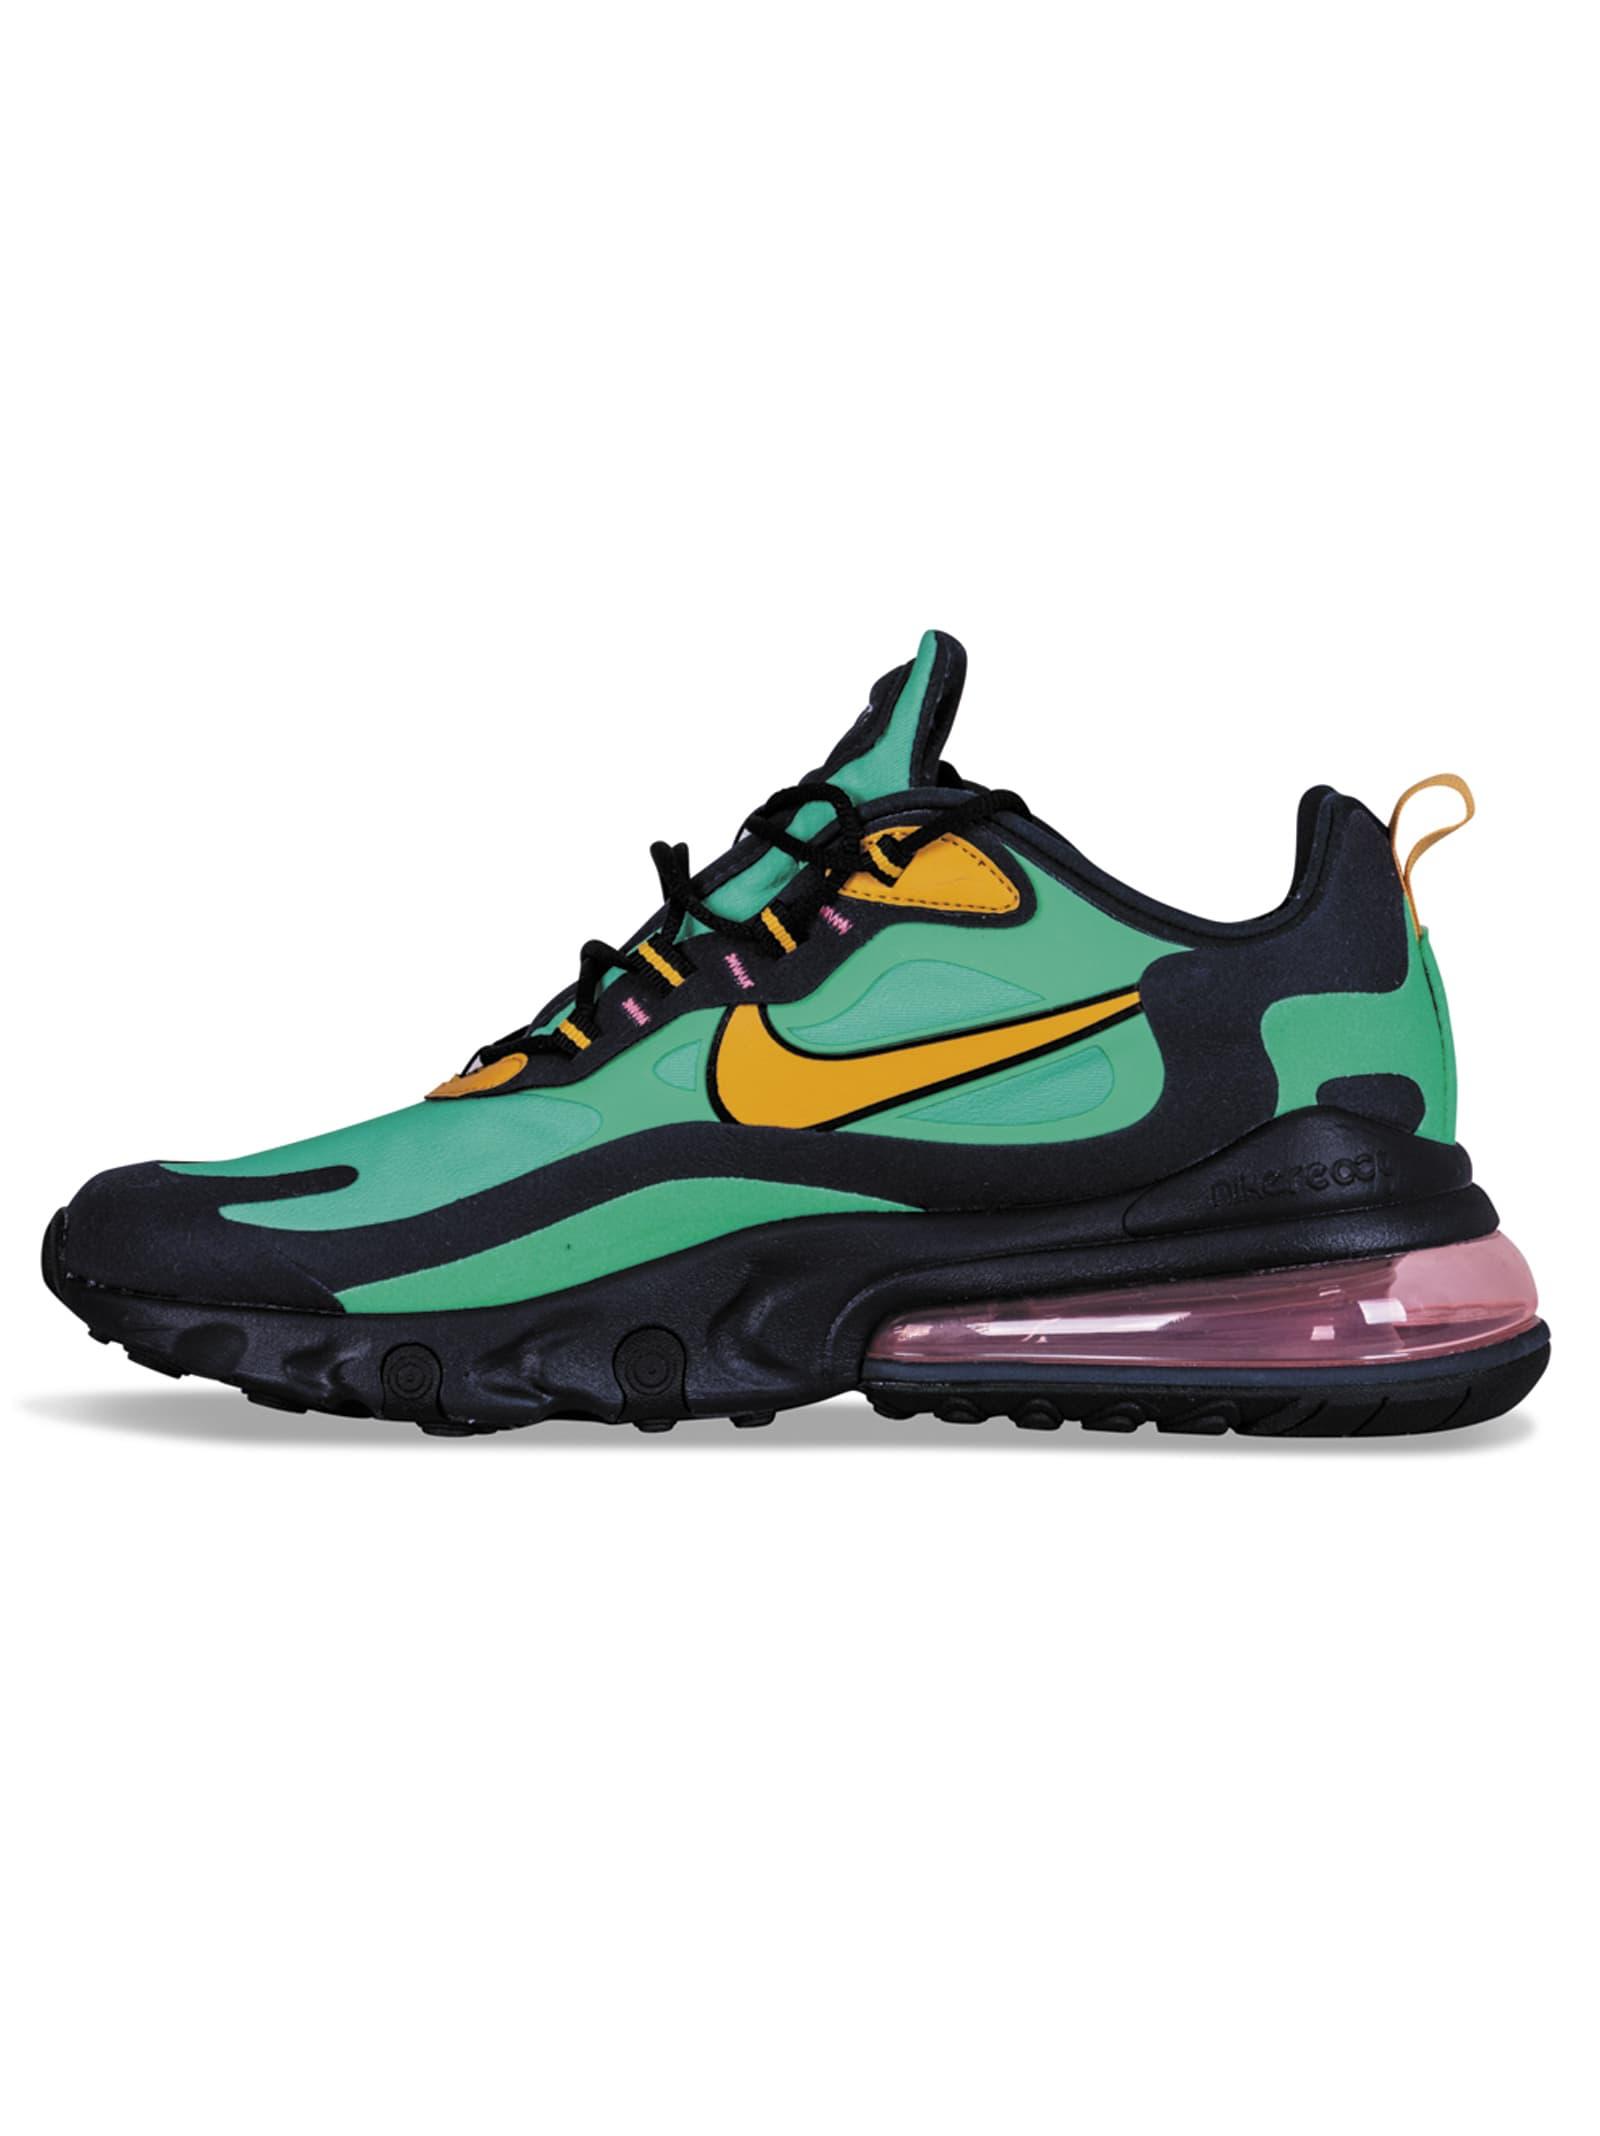 Acquista Nike Air Max 270 X Jordan Mars 27C Nuove Da Uomo Scarpe Sportive Bianche CD7070 100 Sneakers Nero Verde Glow In The Dark Scarpe Da Ginnastica